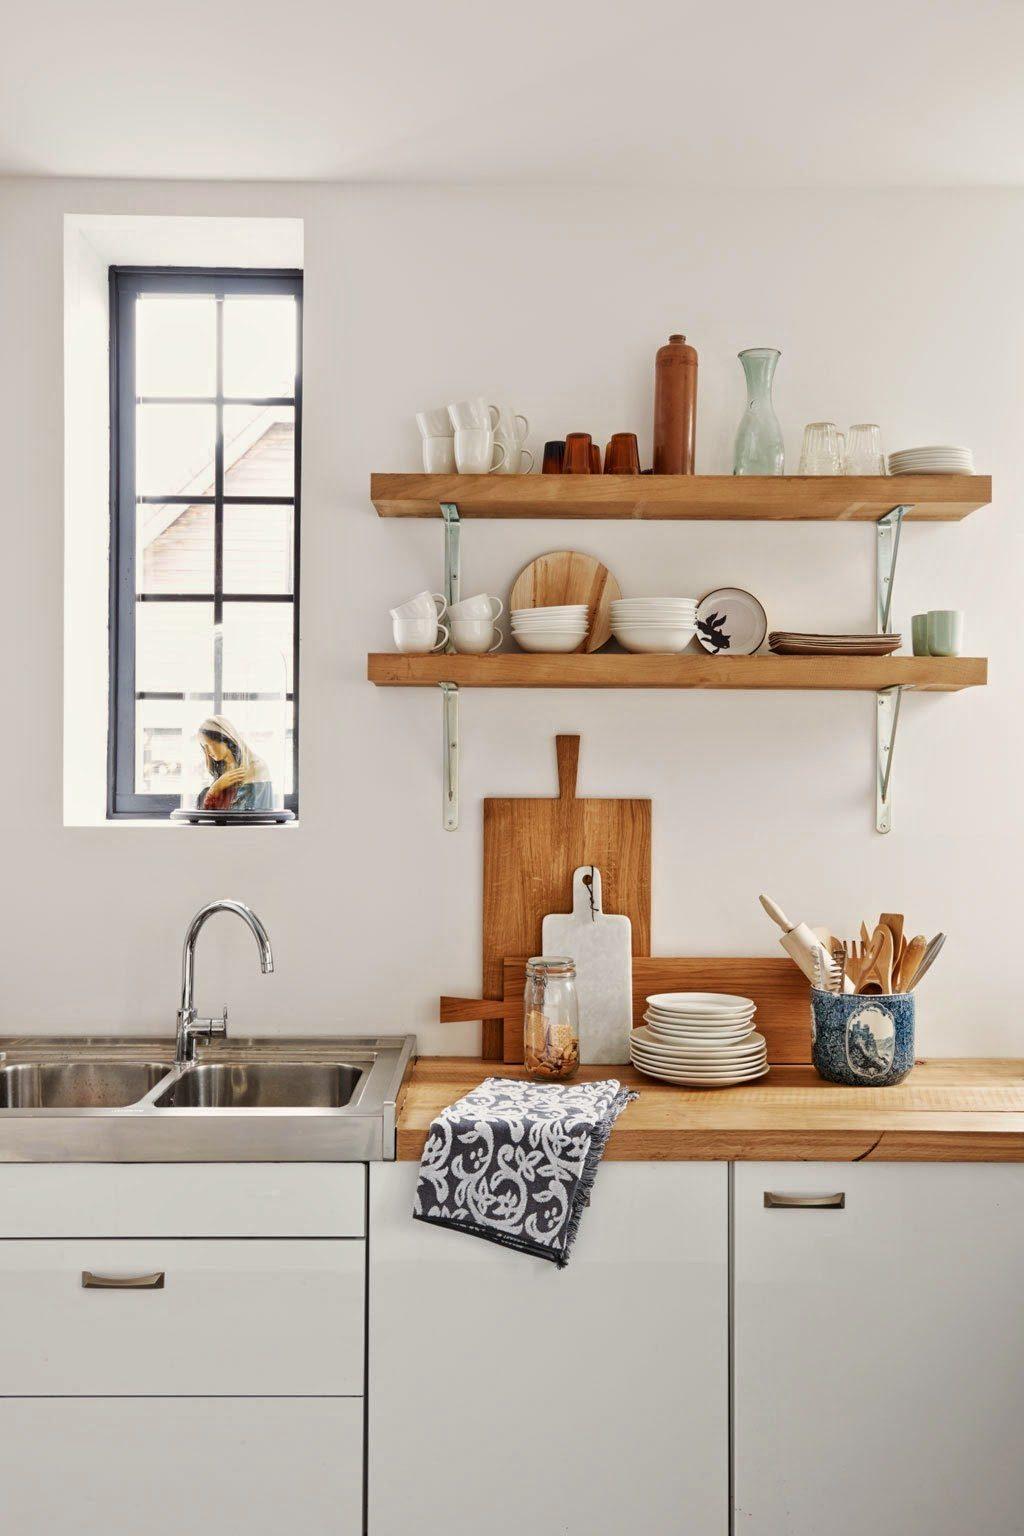 10 xu hướng thiết kế phòng bếp đẹp ấn tượng và mới nhất - 13